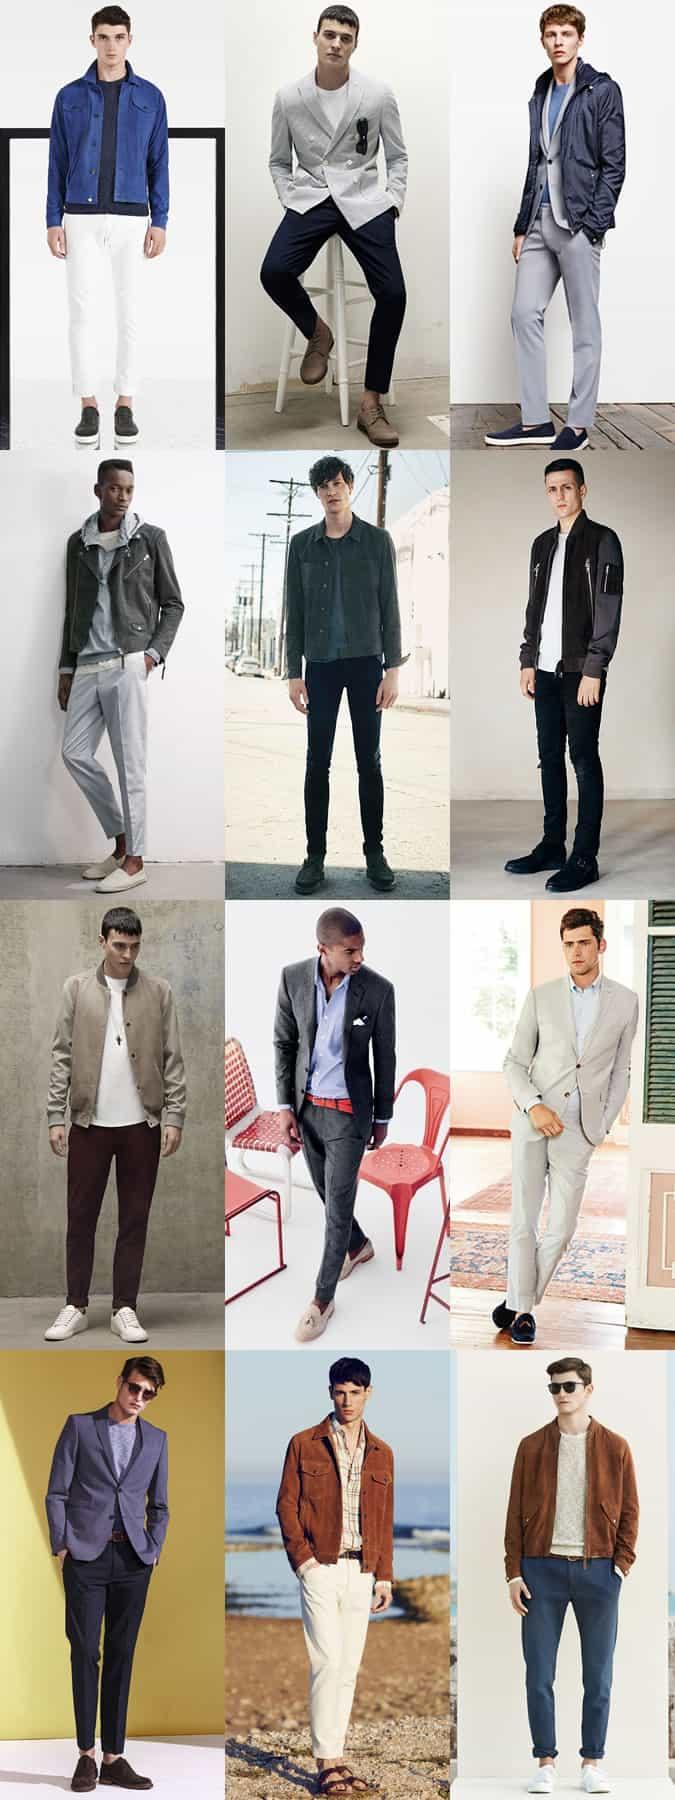 Chaussures et vestes en daim pour homme Look de printemps / été Inspiration Lookbook